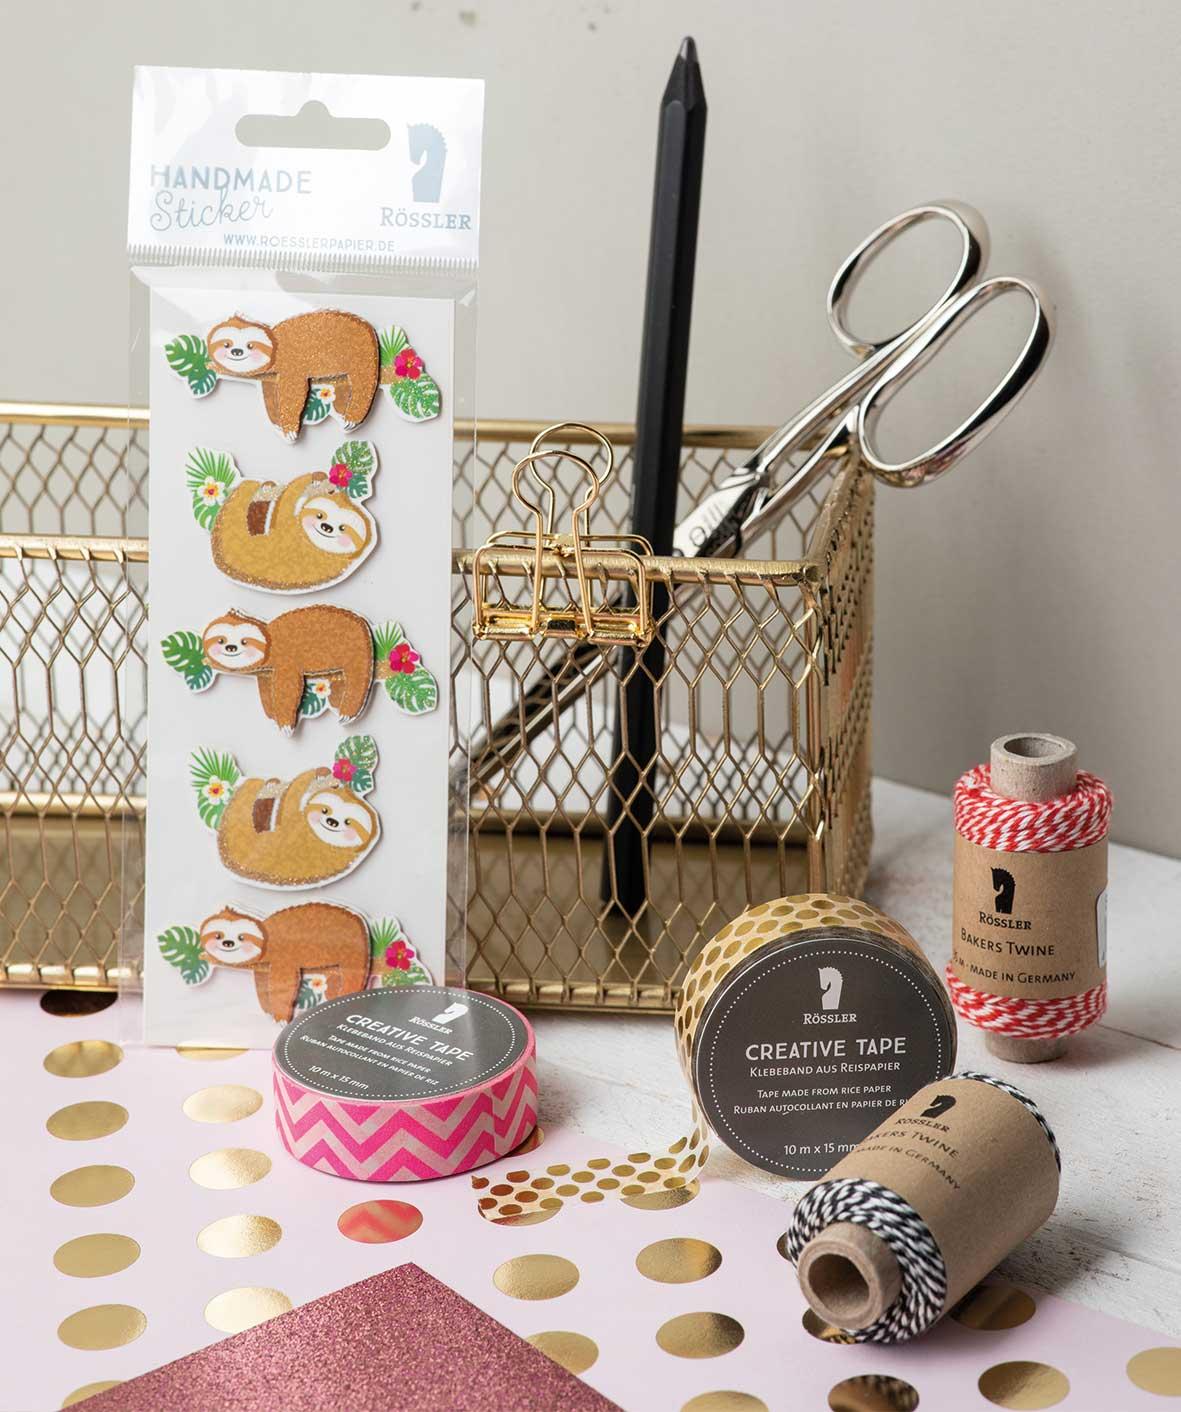 kreativ-sticker-tapes-garn-baender-papiere-roessler